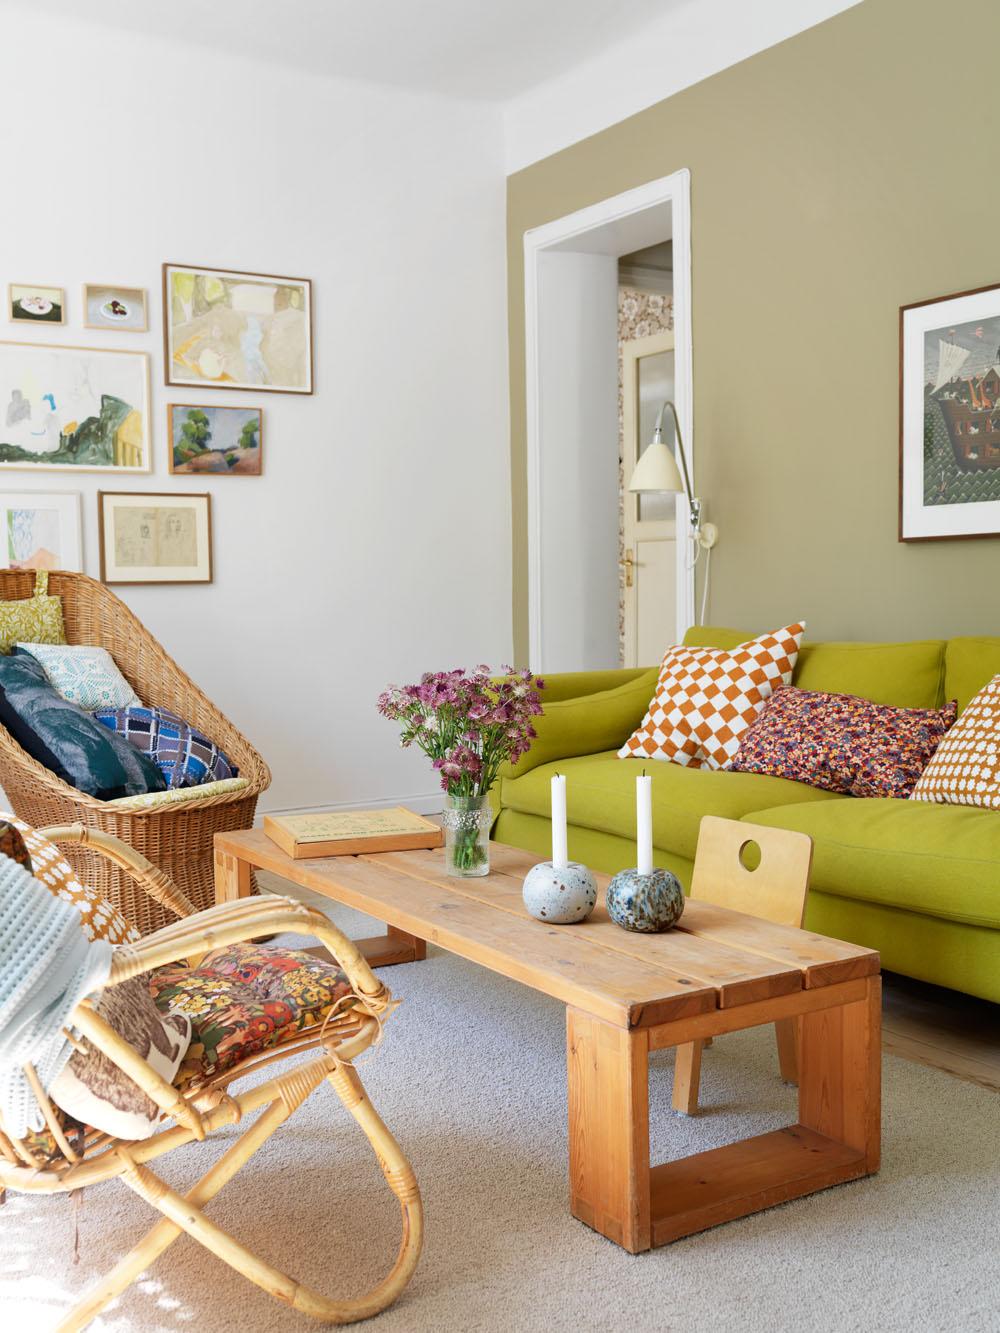 Mezcla de colores cítricos en el estar